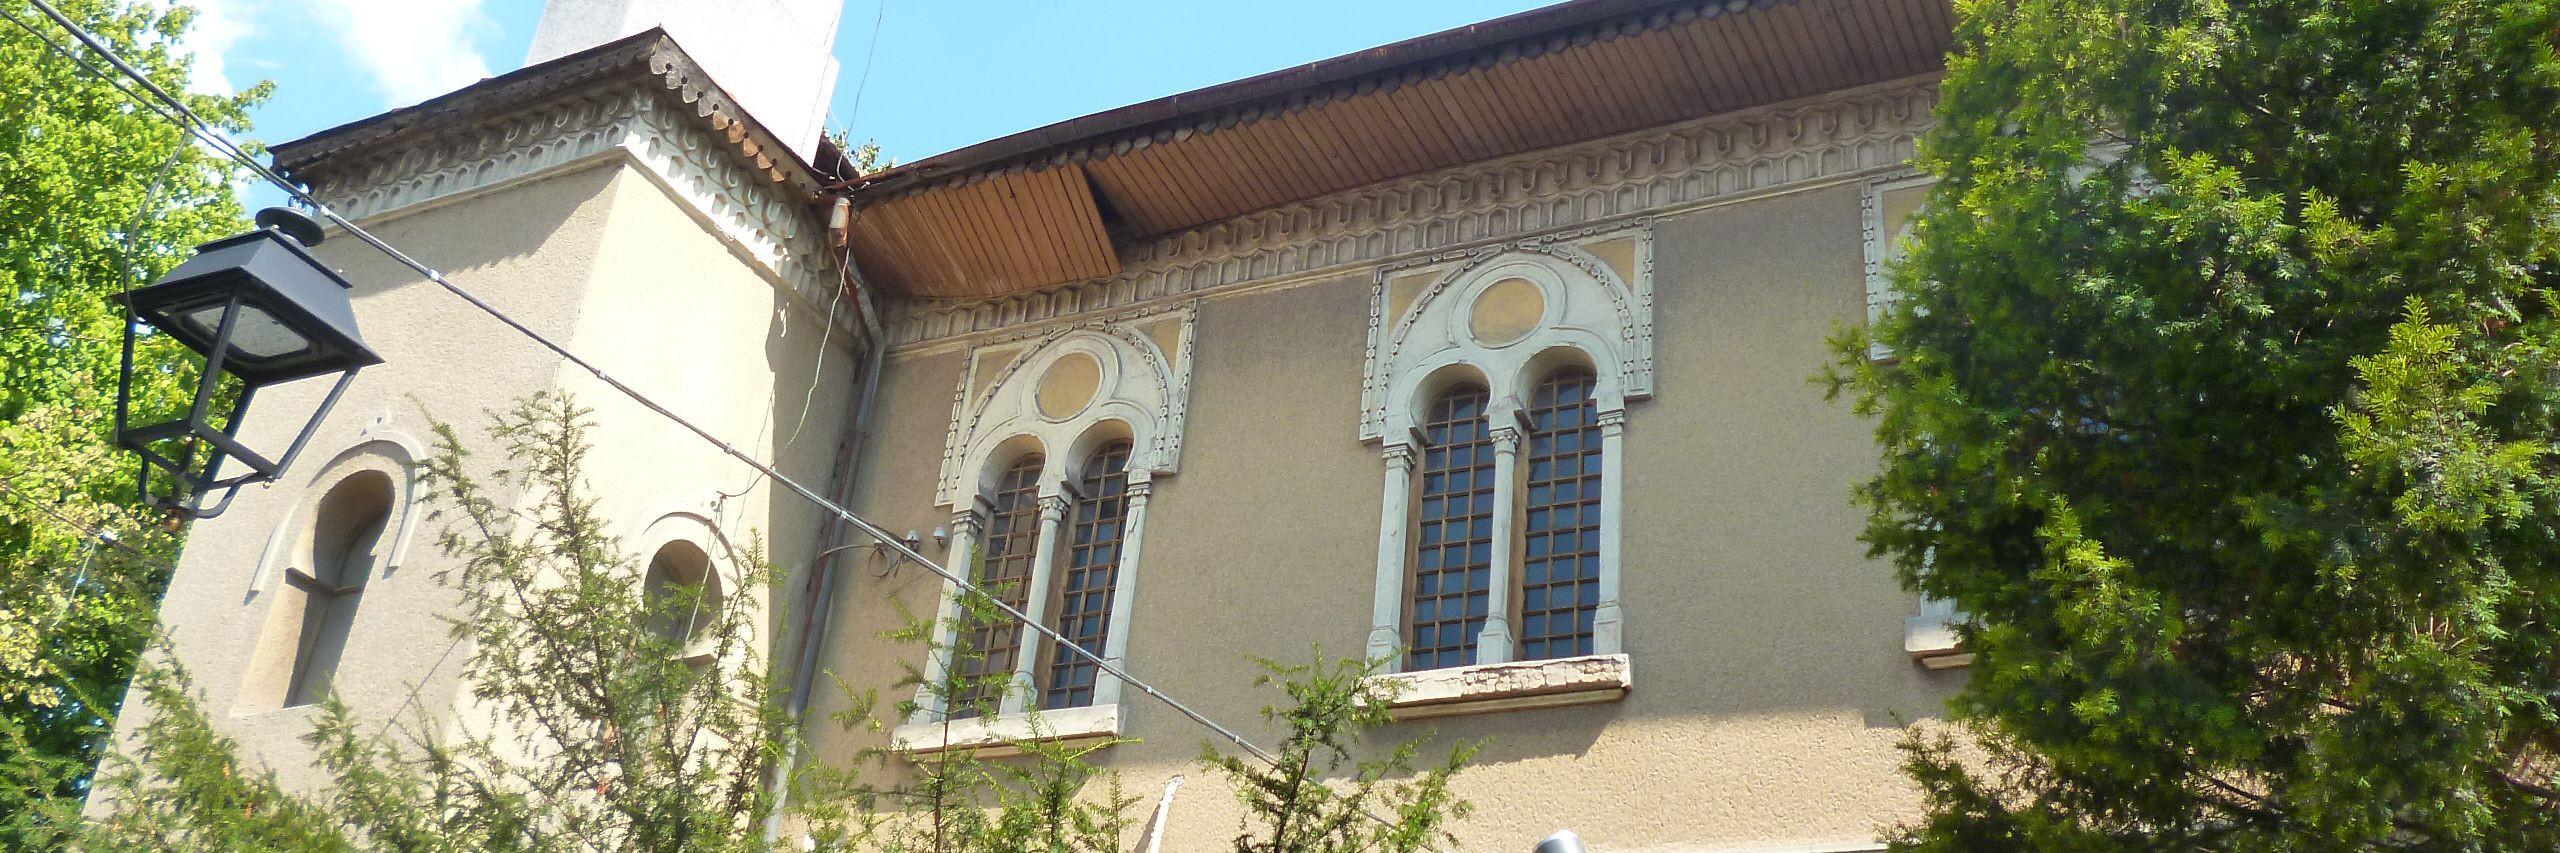 Шарена мечеть в Тузле